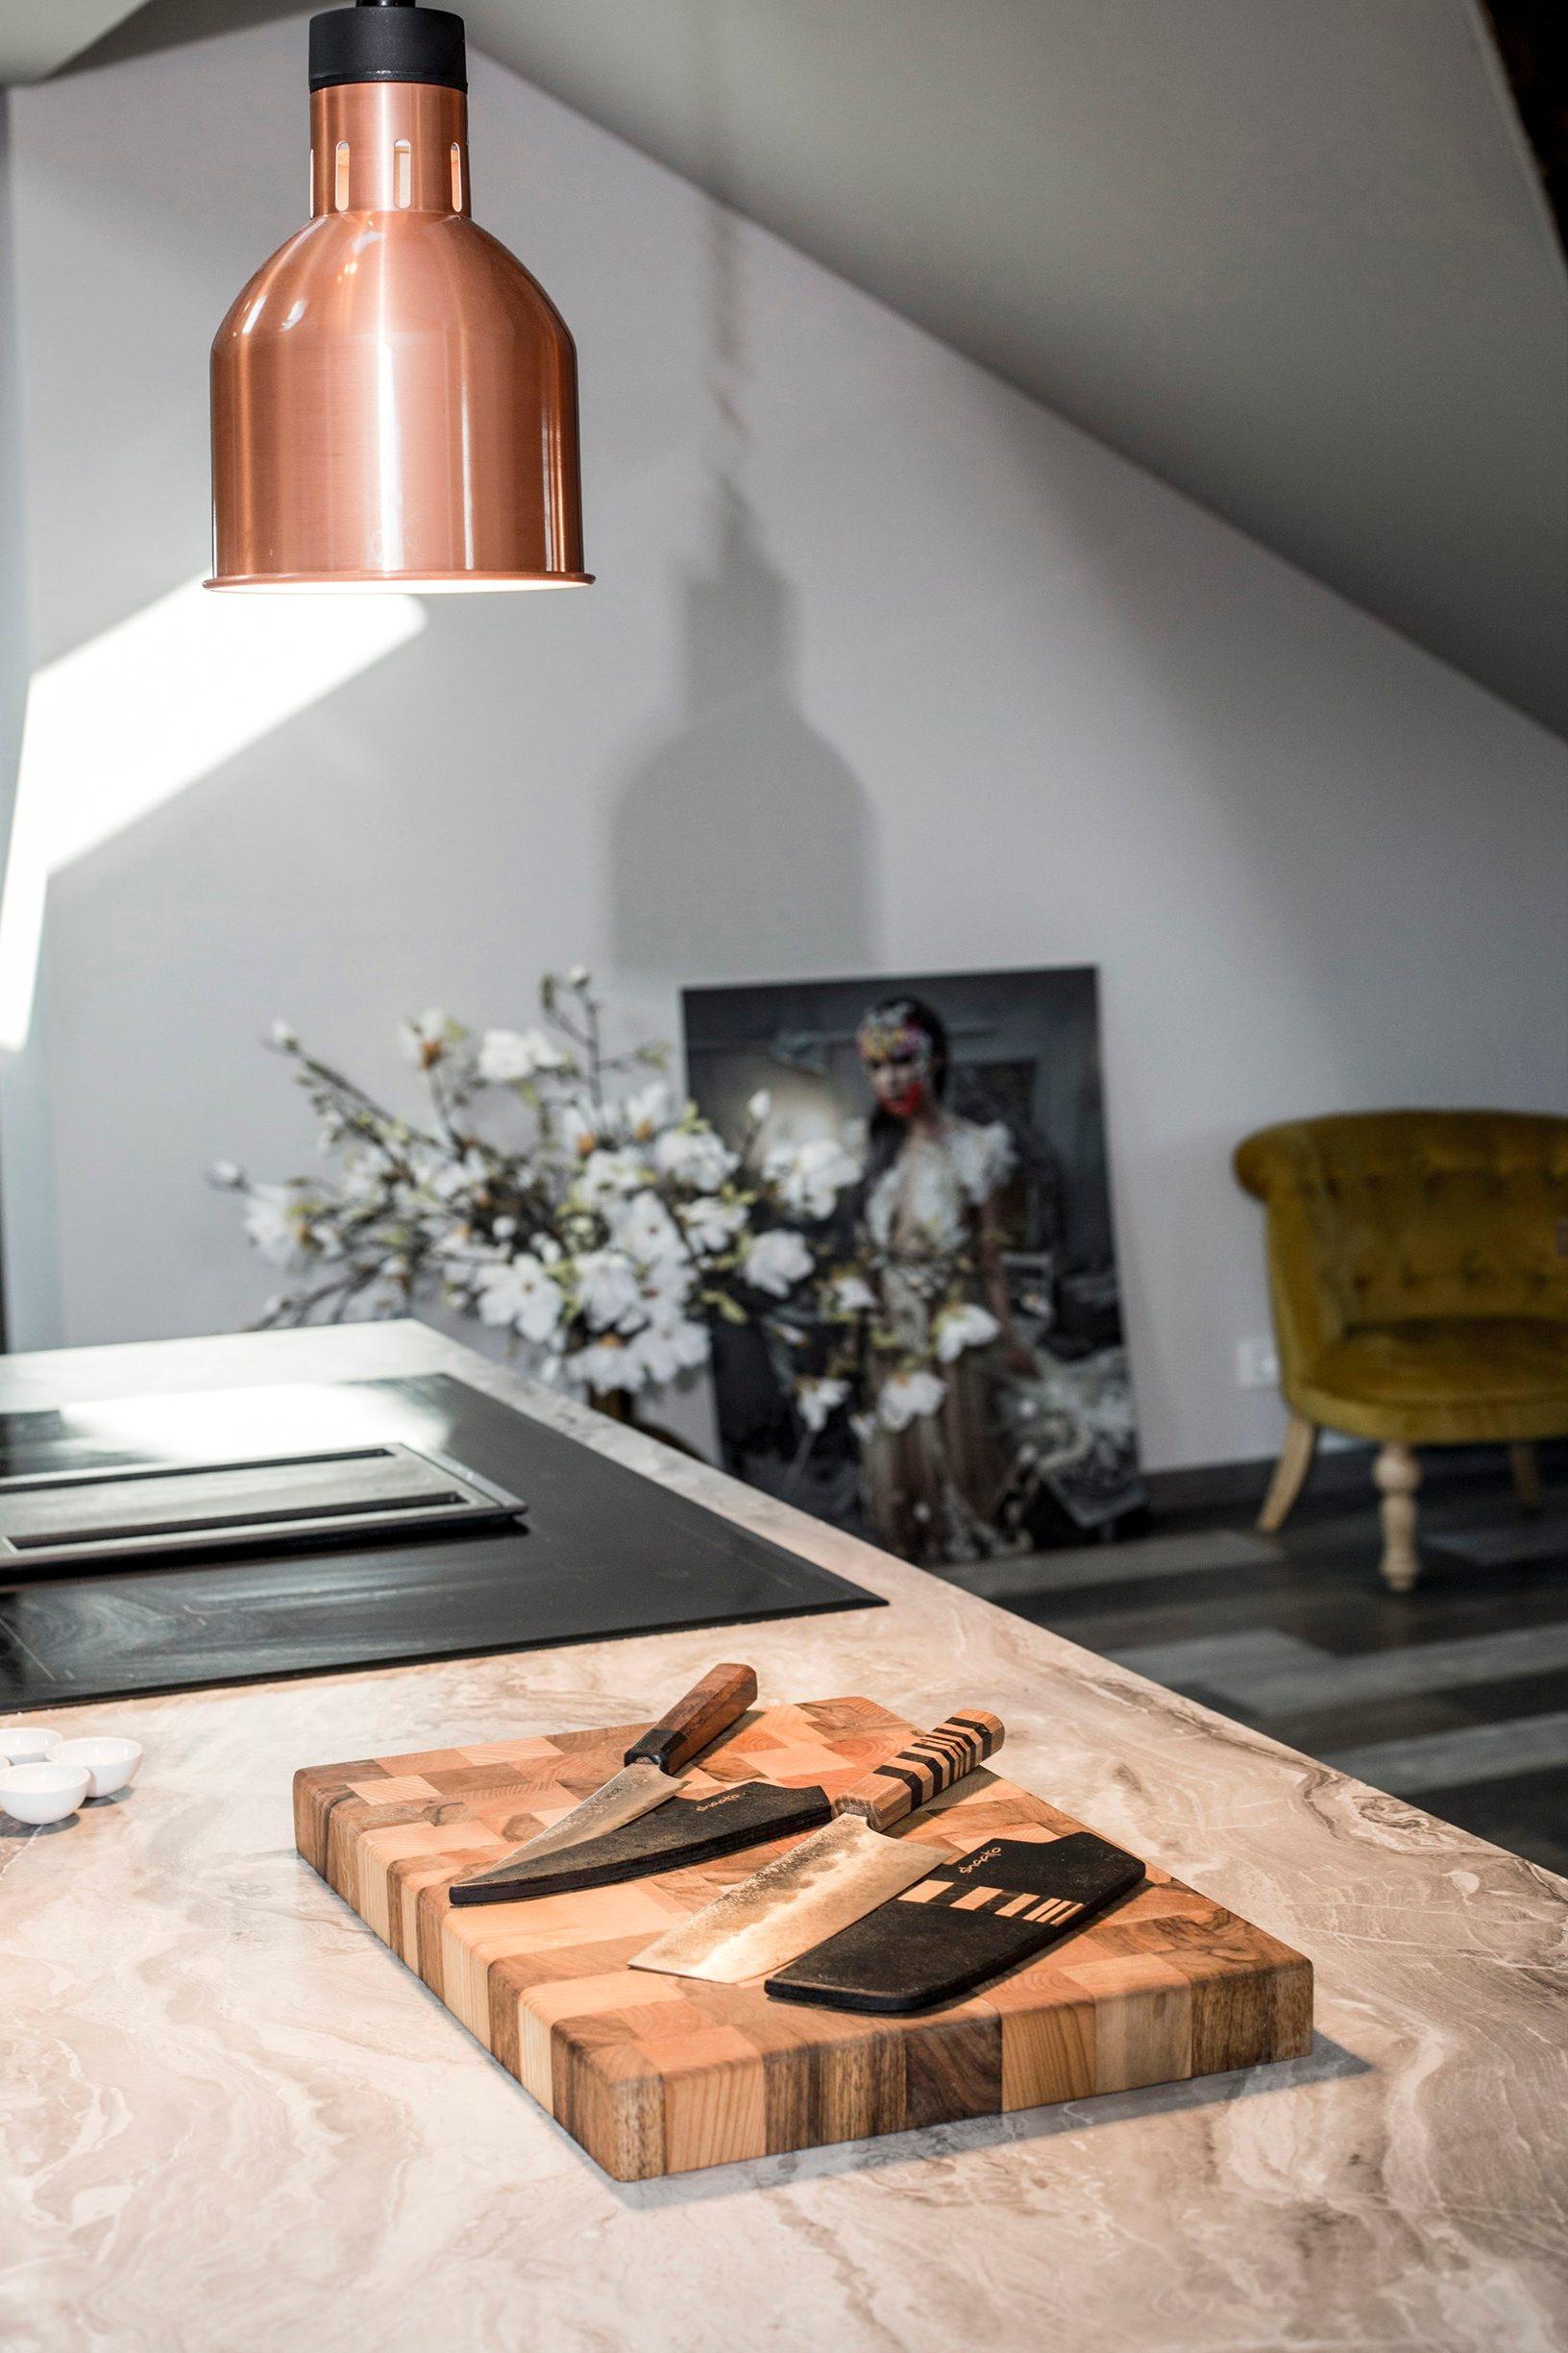 Zagreb, 300120. Unutar obiteljske kuce u kojoj zivi s obitelji Lana Klingor Mihic uredila je potkrovlje za radni prostor za kuharske radionice i razne promocije. Foto: Berislava Picek/ CROPIX